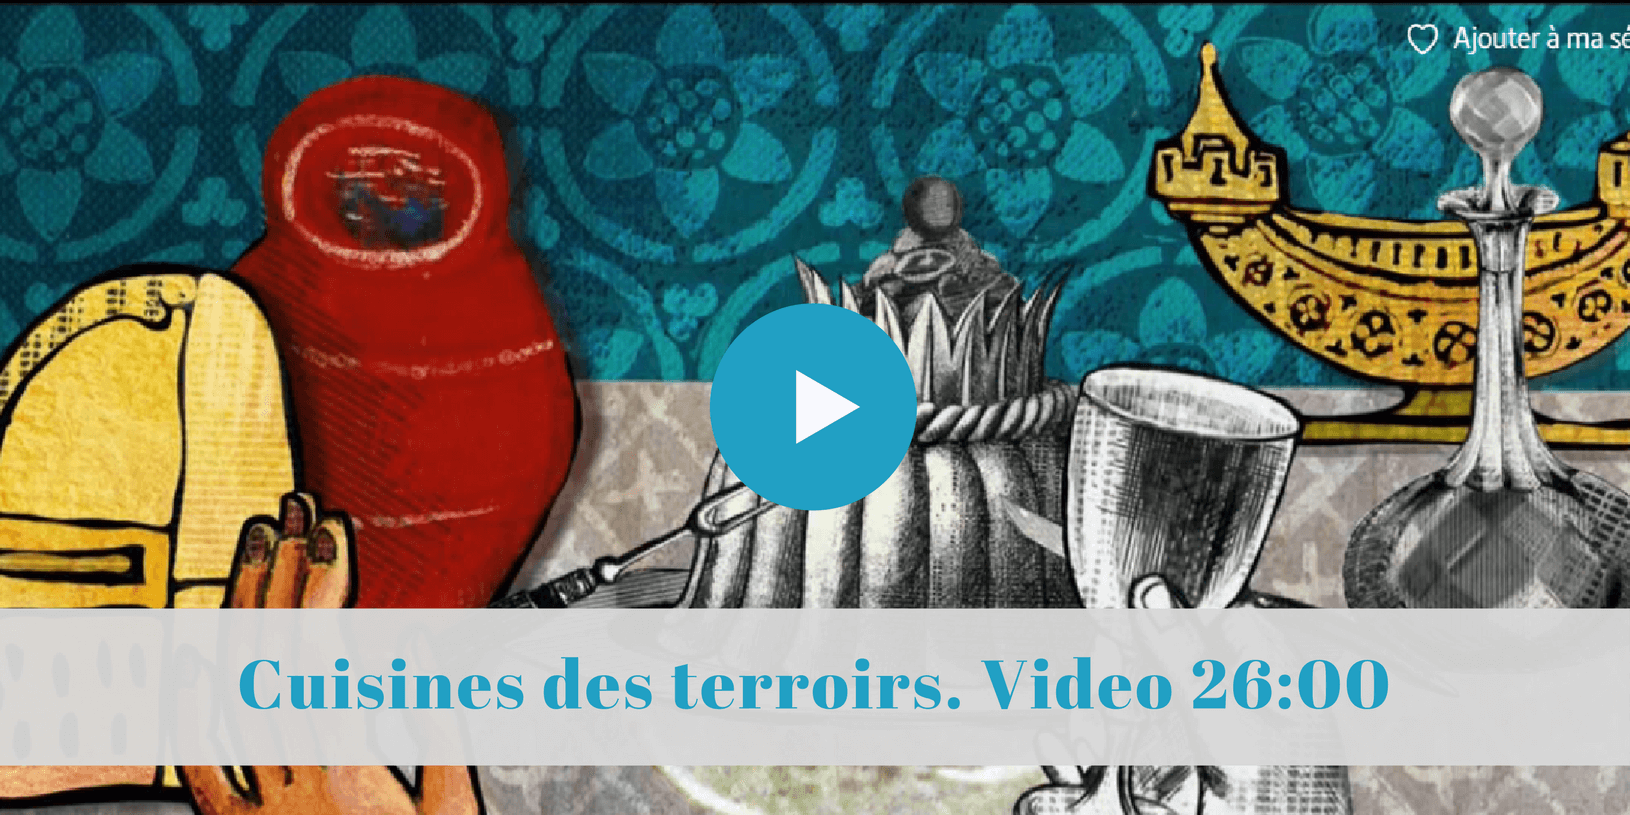 Les cuisines des terroirs permaculture attitude for Arte tv cuisine des terroirs